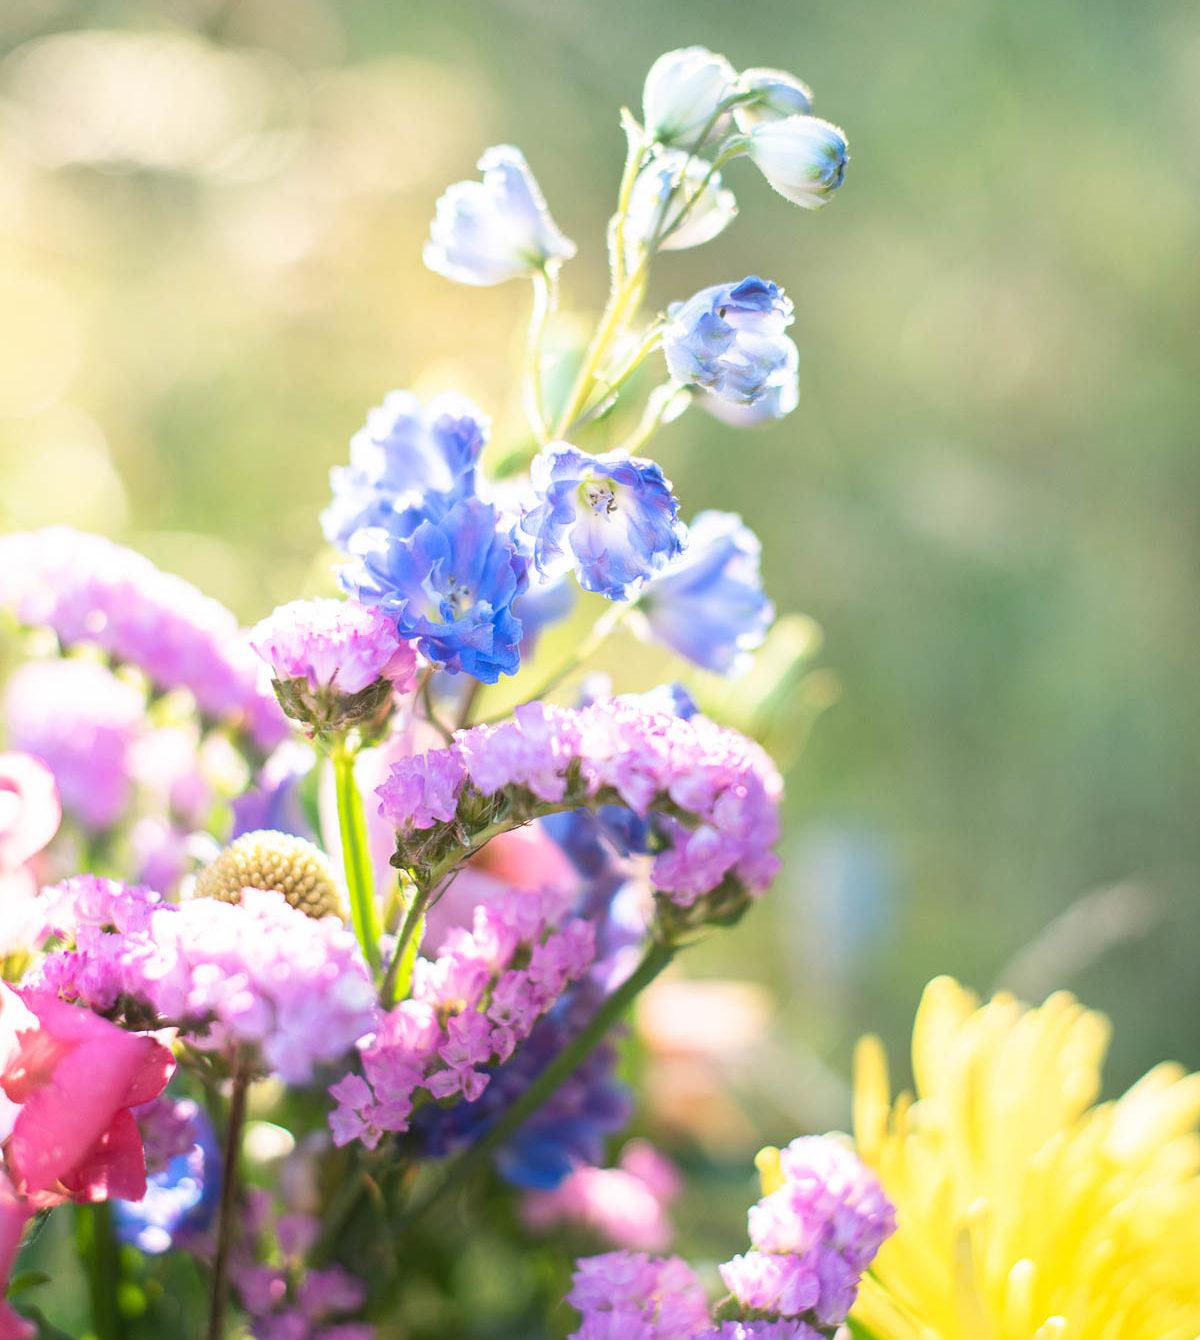 Blumenstrauß im Gegenlicht